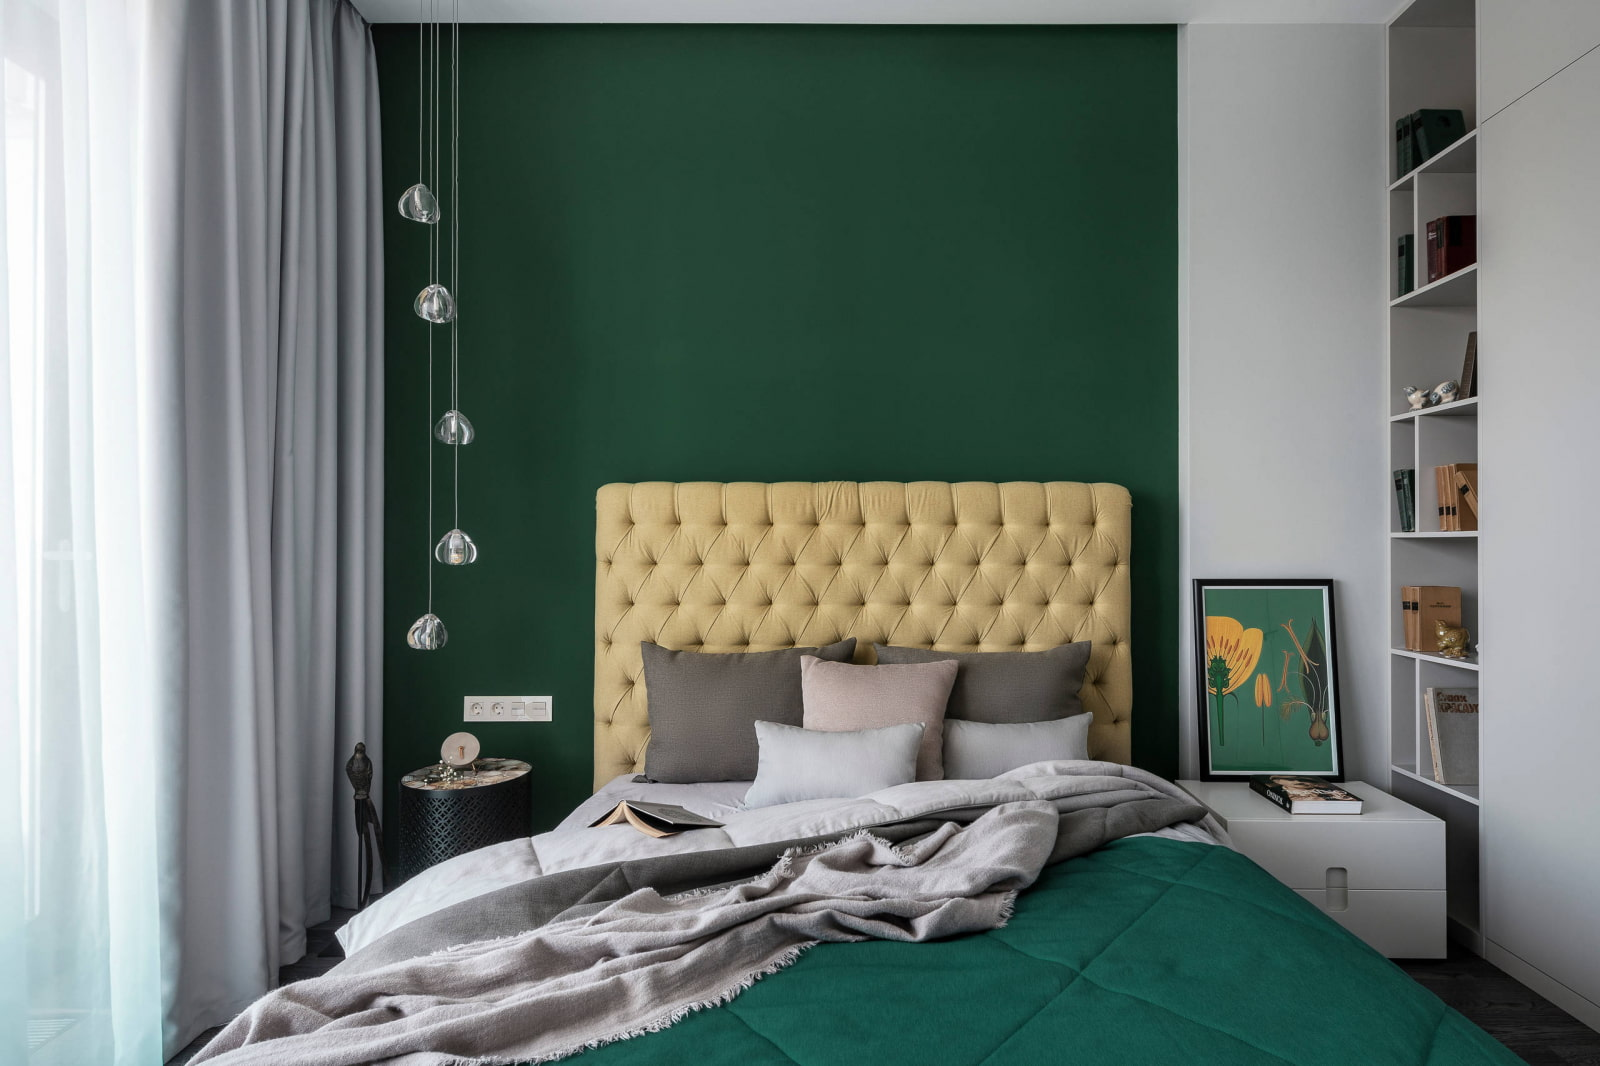 цвет стен в спальне под покраску